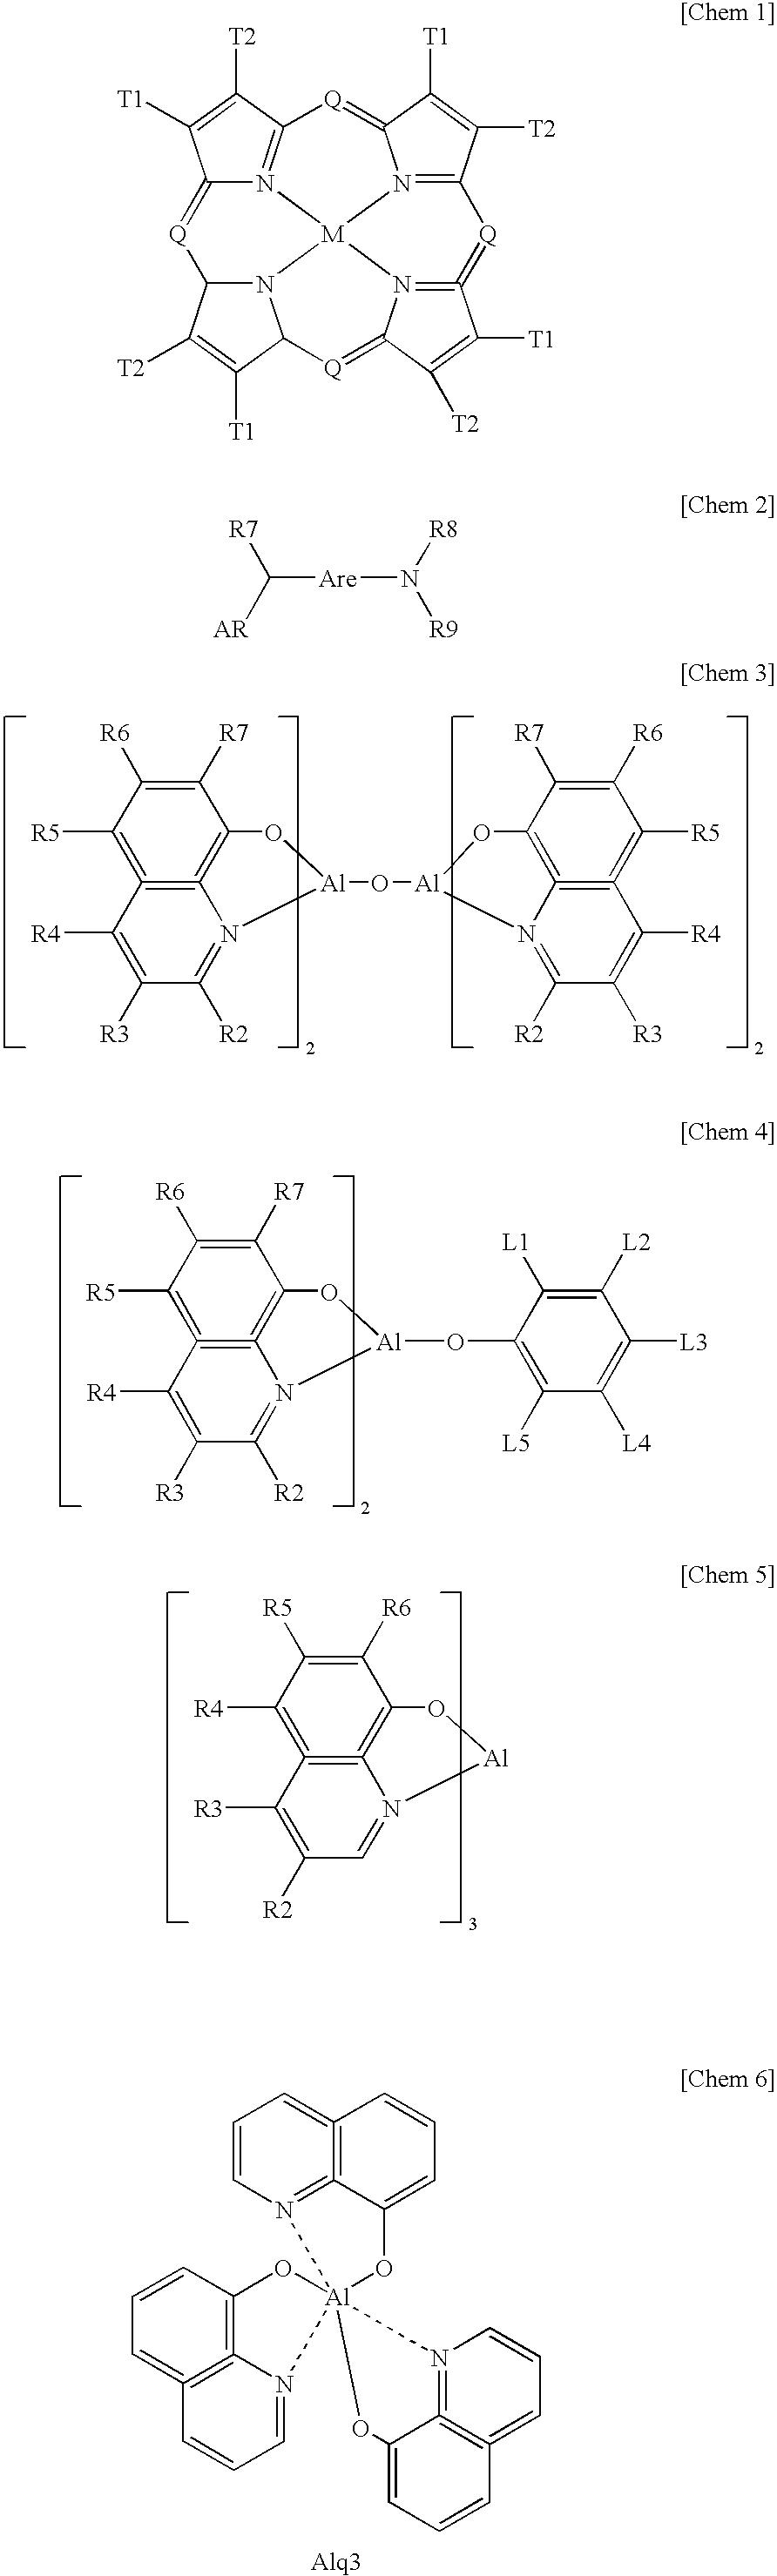 Figure US20050035708A1-20050217-C00001